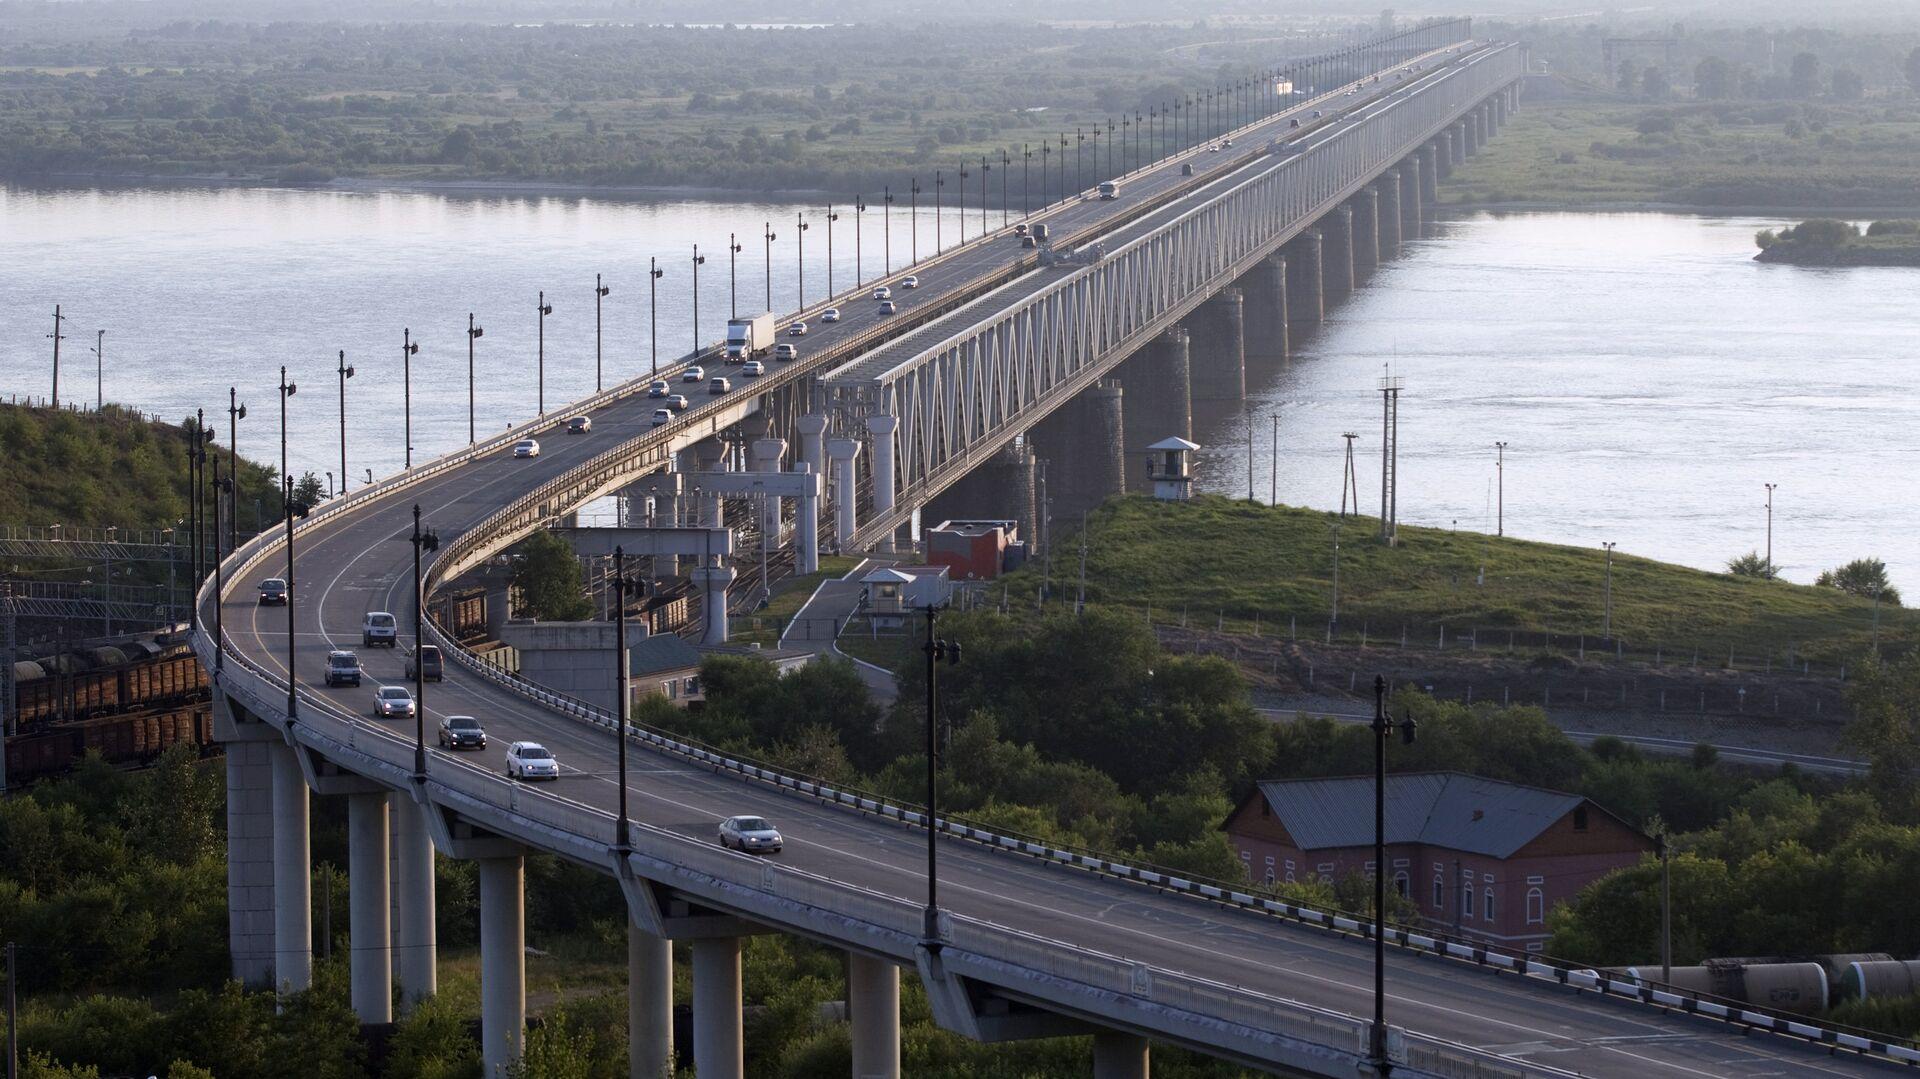 Мост через реку Амур в Хабаровске на трассе Чита-Хабаровск - РИА Новости, 1920, 01.03.2021